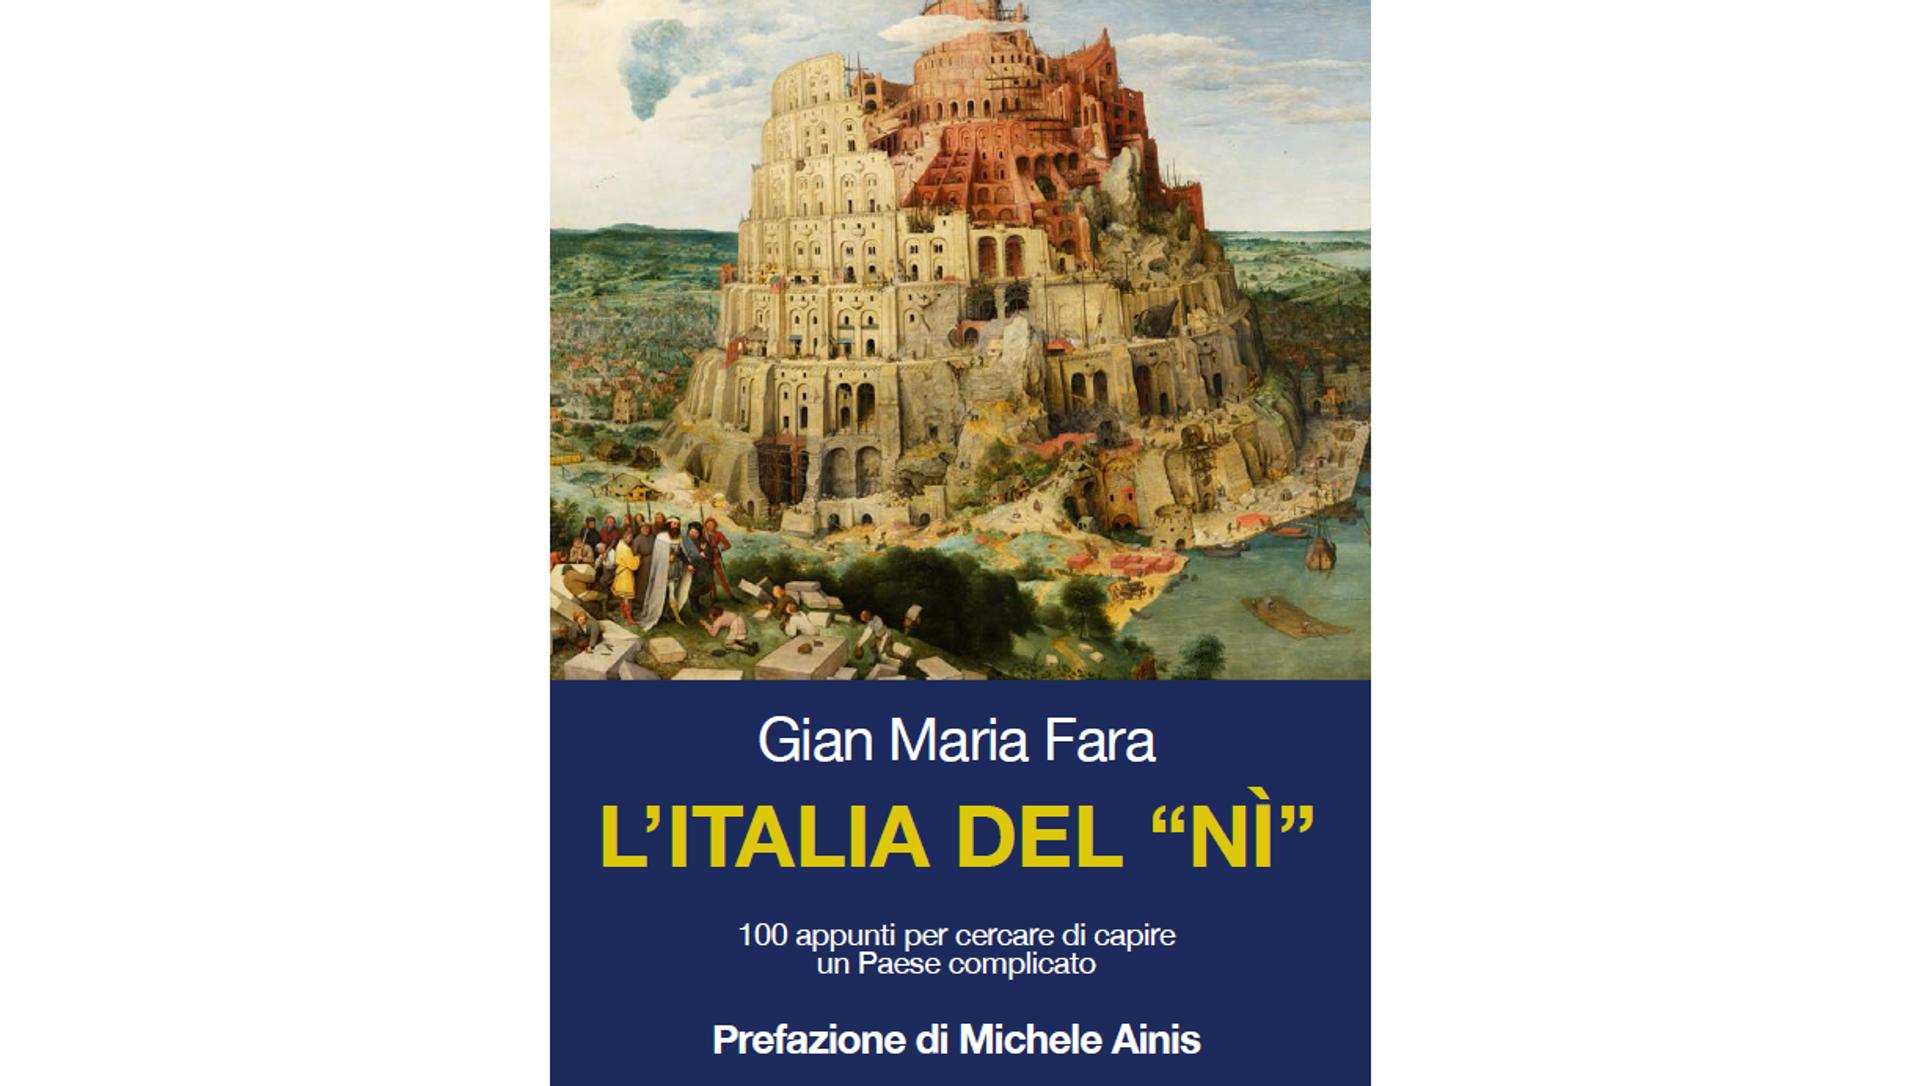 Il libro di Gian Maria Fara - Sputnik Italia, 1920, 18.05.2021